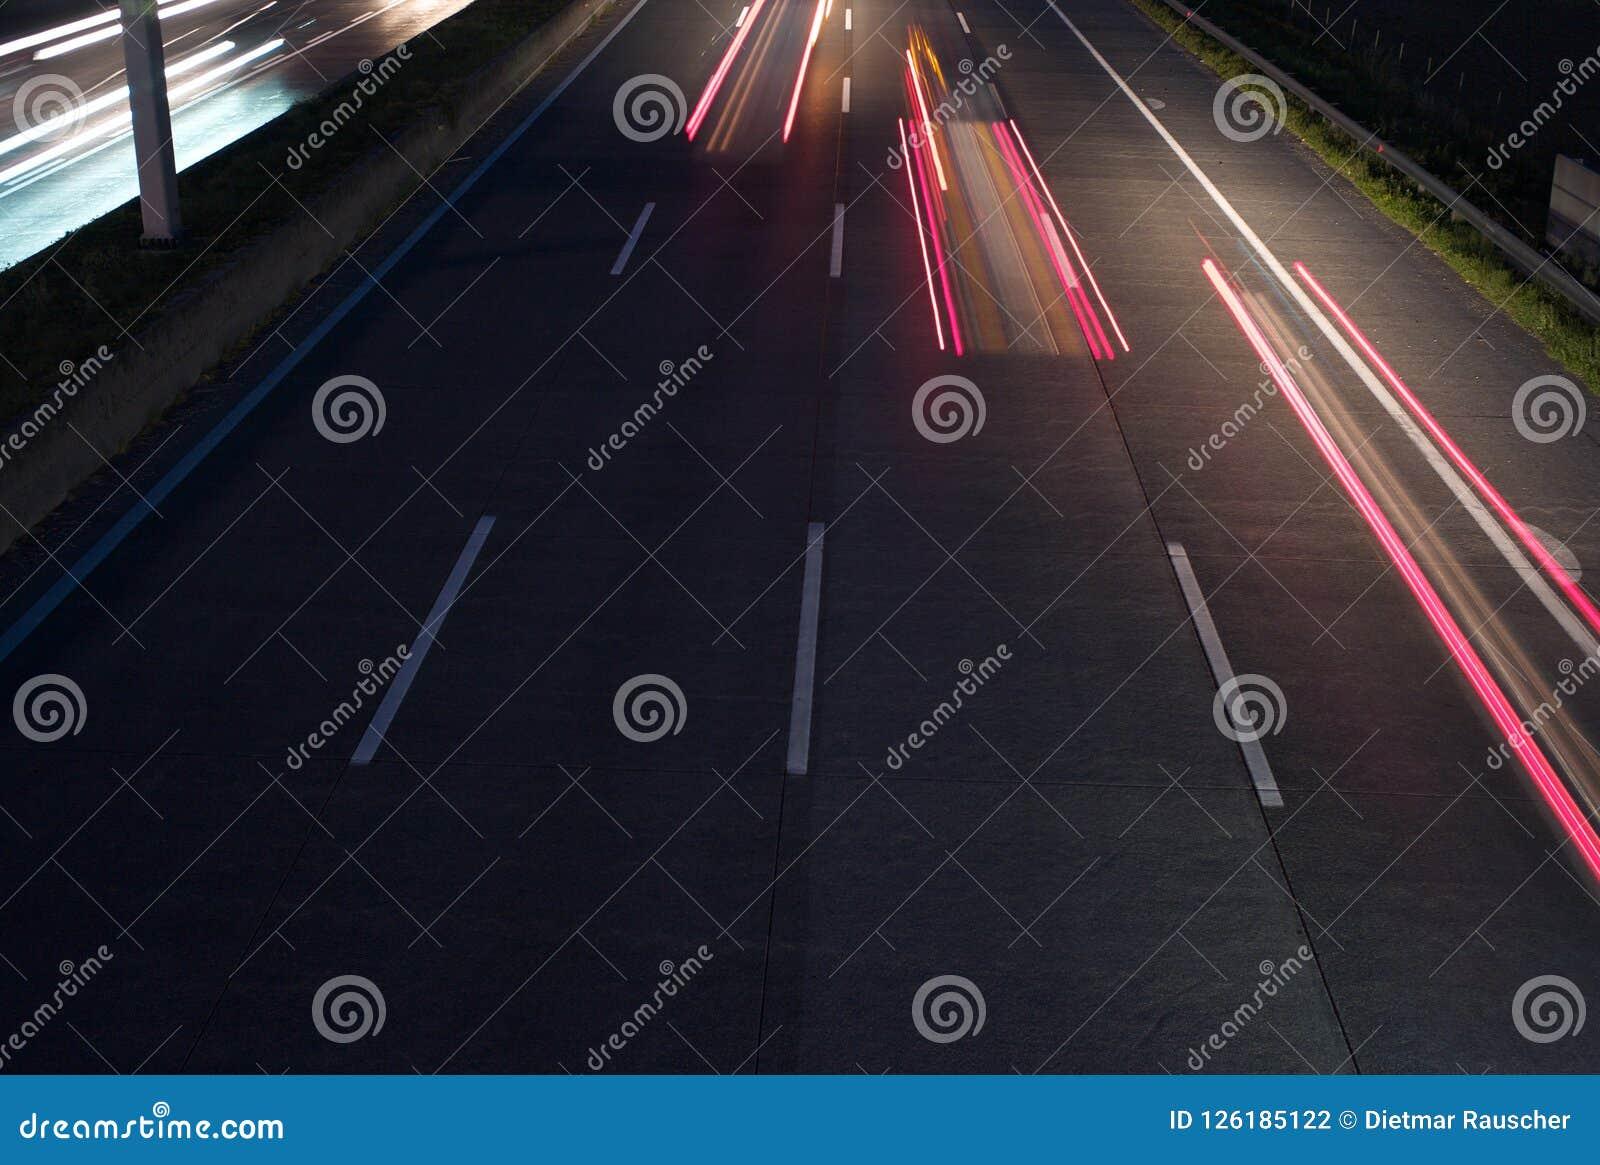 Drei rote Rücklichter auf der Autobahn